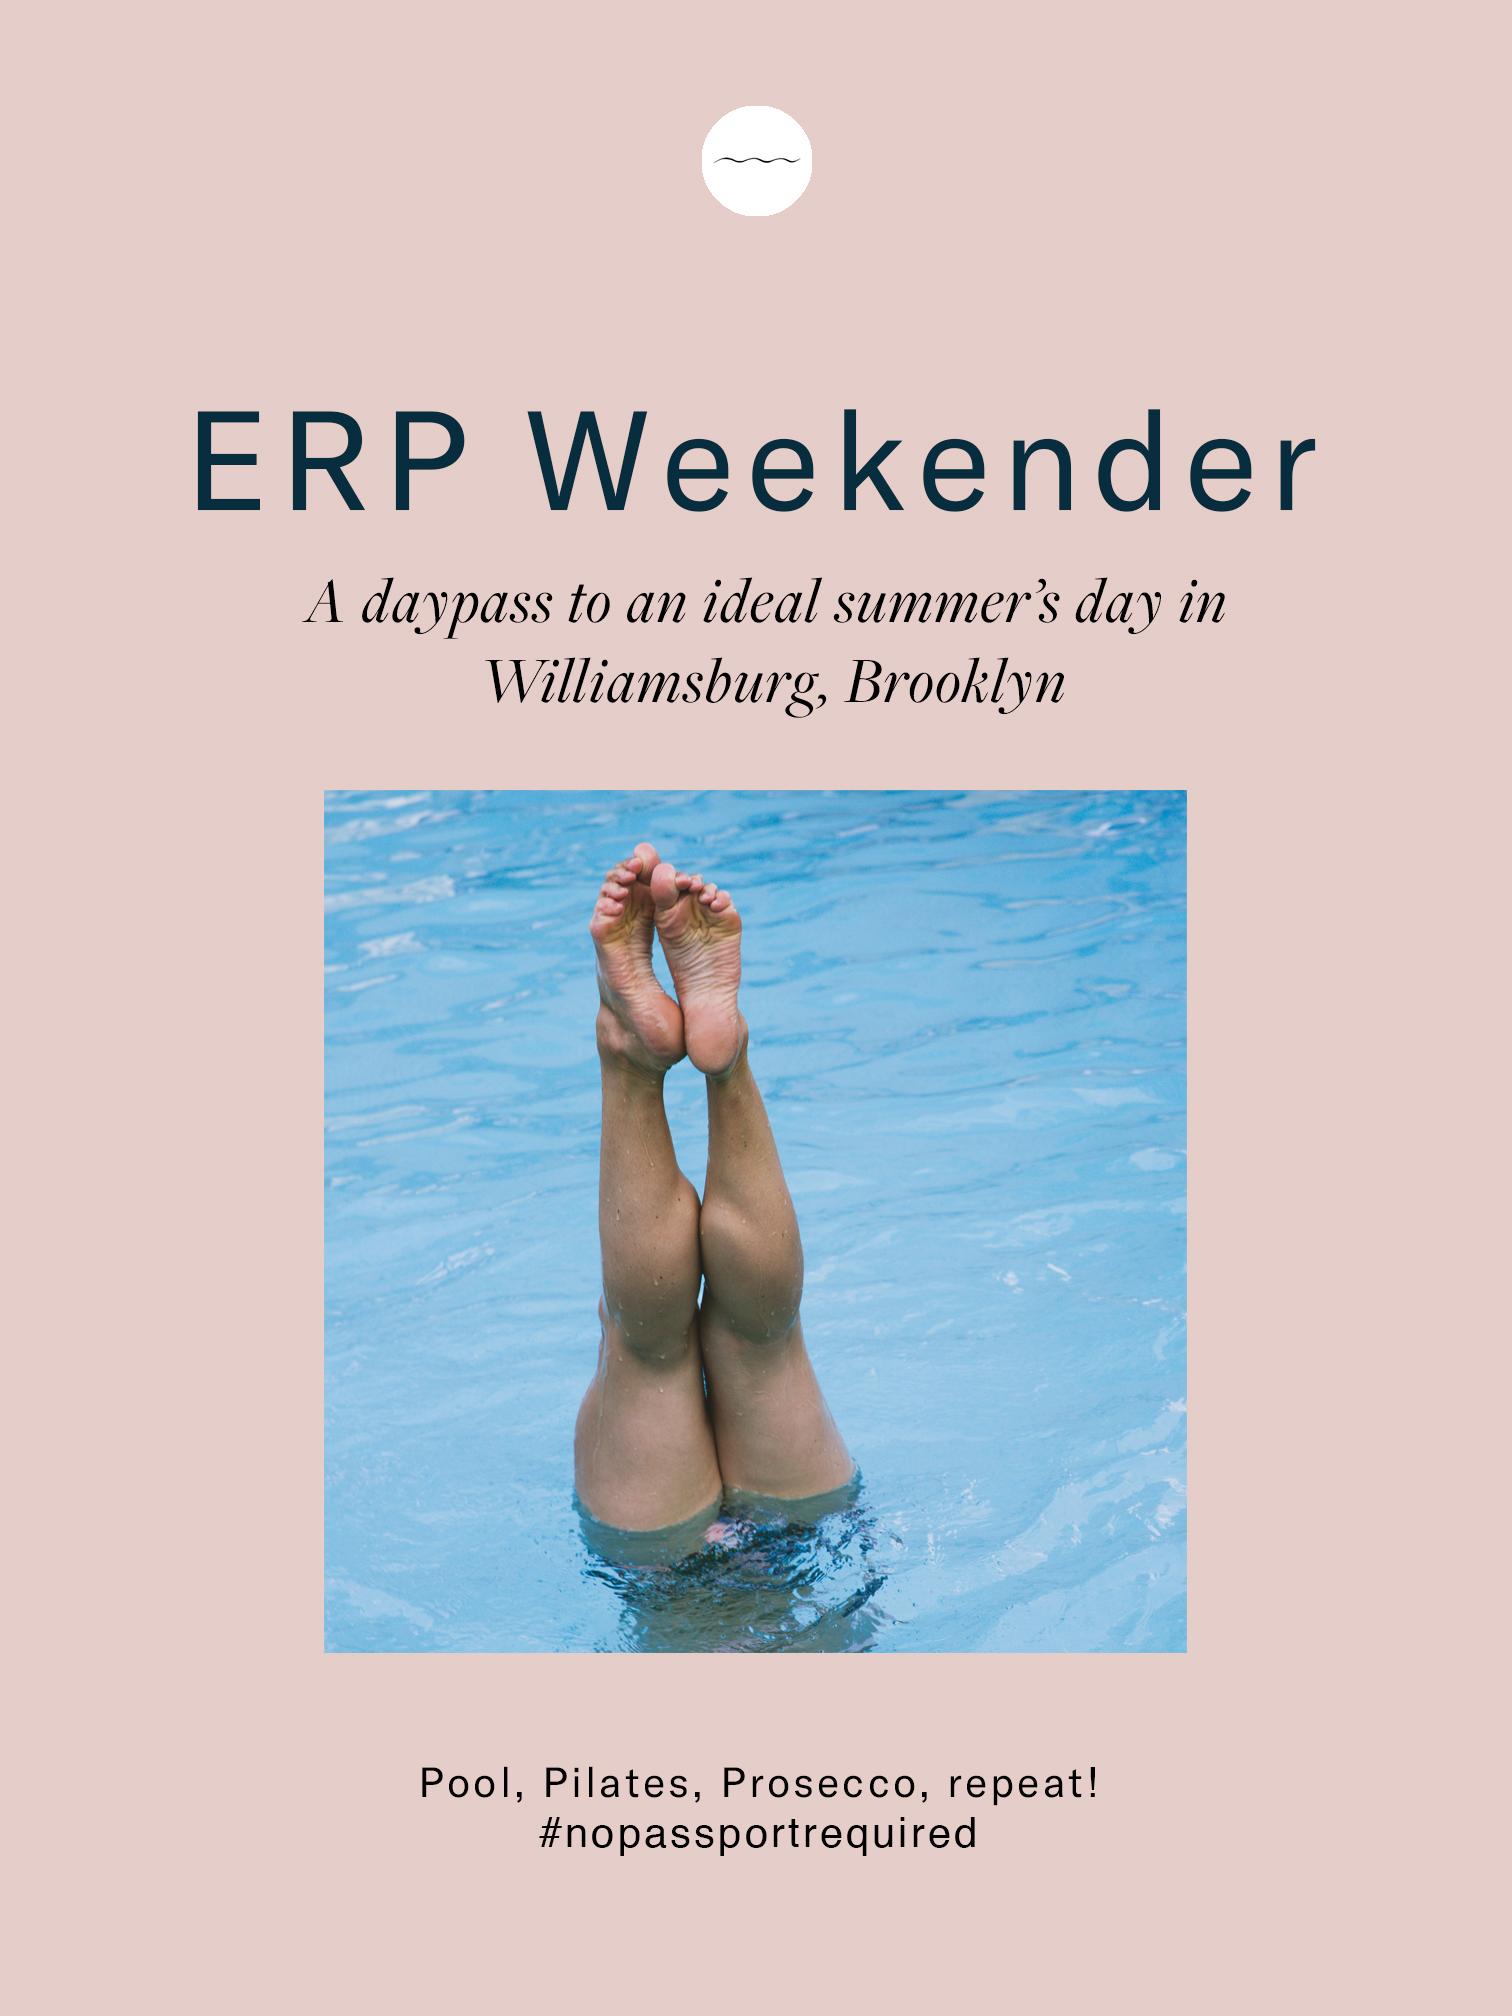 ERP_WEEKENDER_INVITE_2 copy.jpg